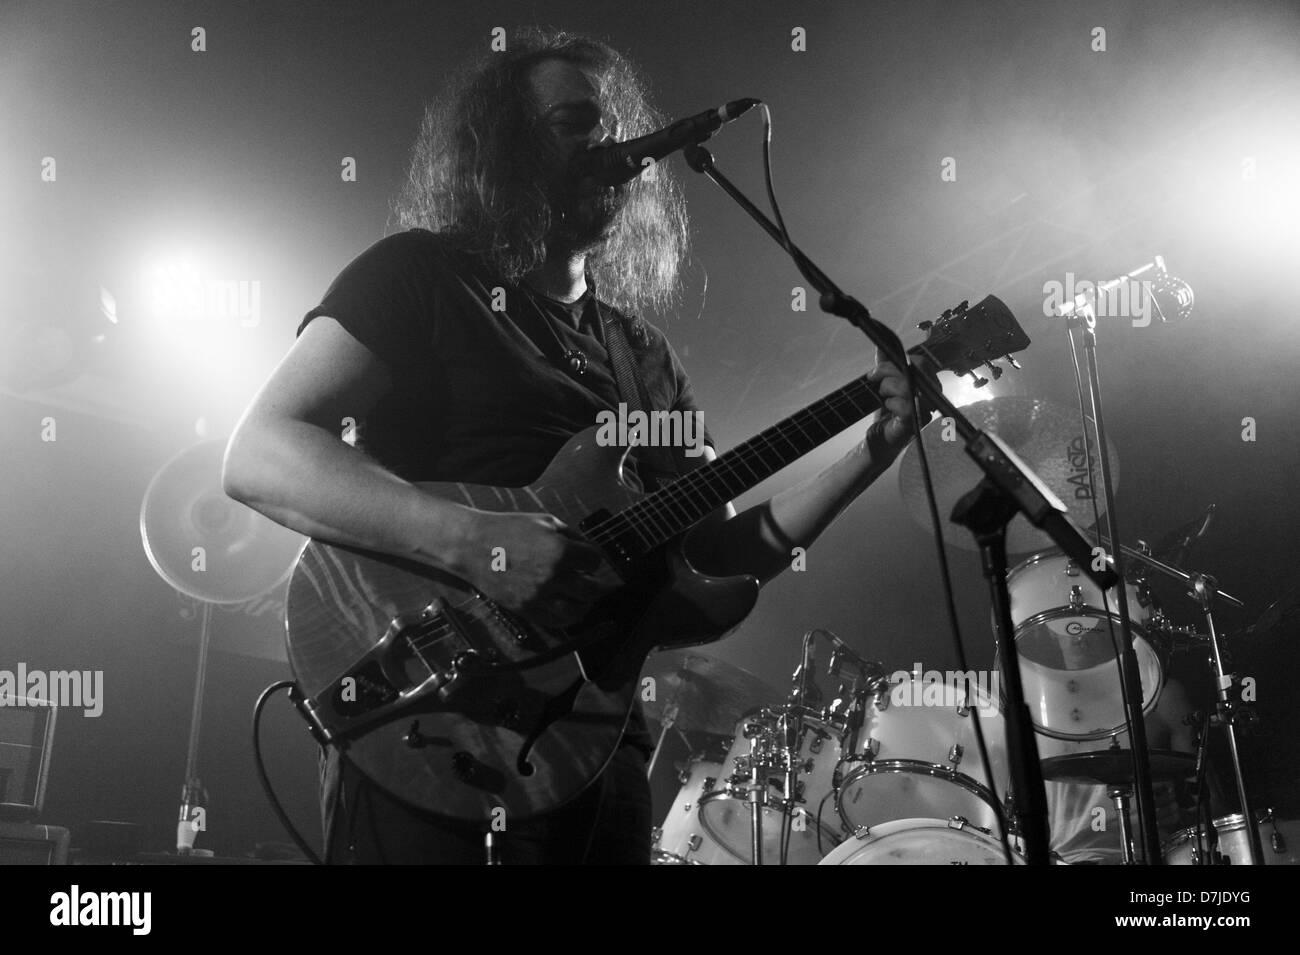 Hans Magnus Ryan de banda de rock psicodélico Motorpyscho noruego realice en el Circolo degli Artisti live club Foto de stock